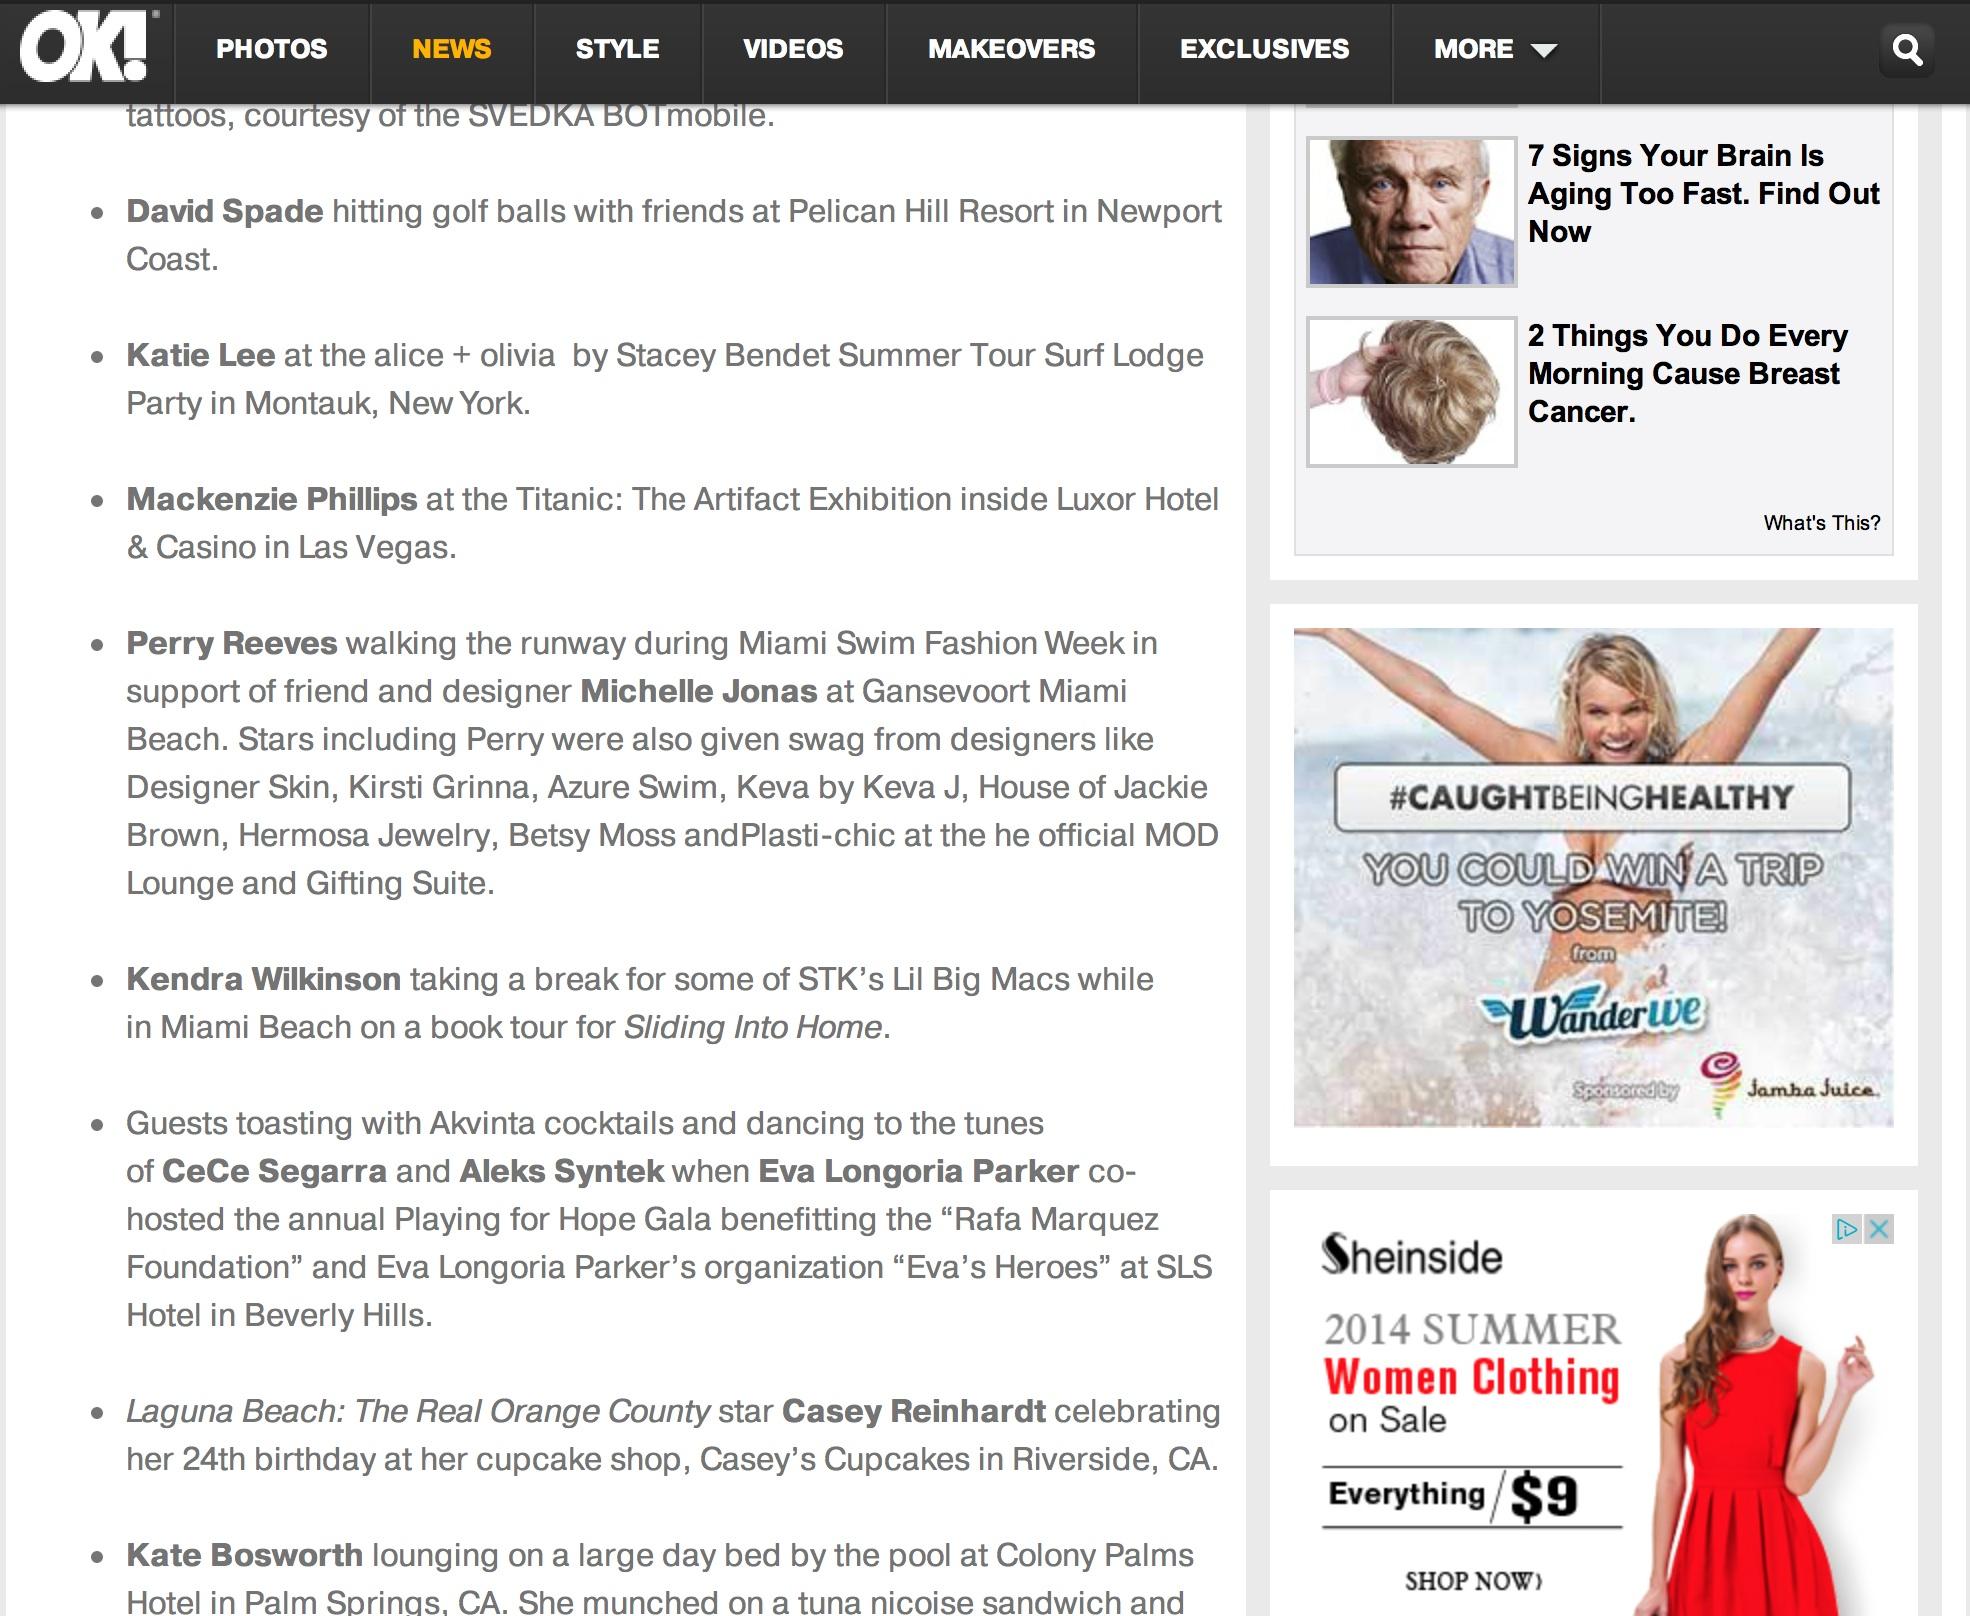 spottedokmagazine.jpg